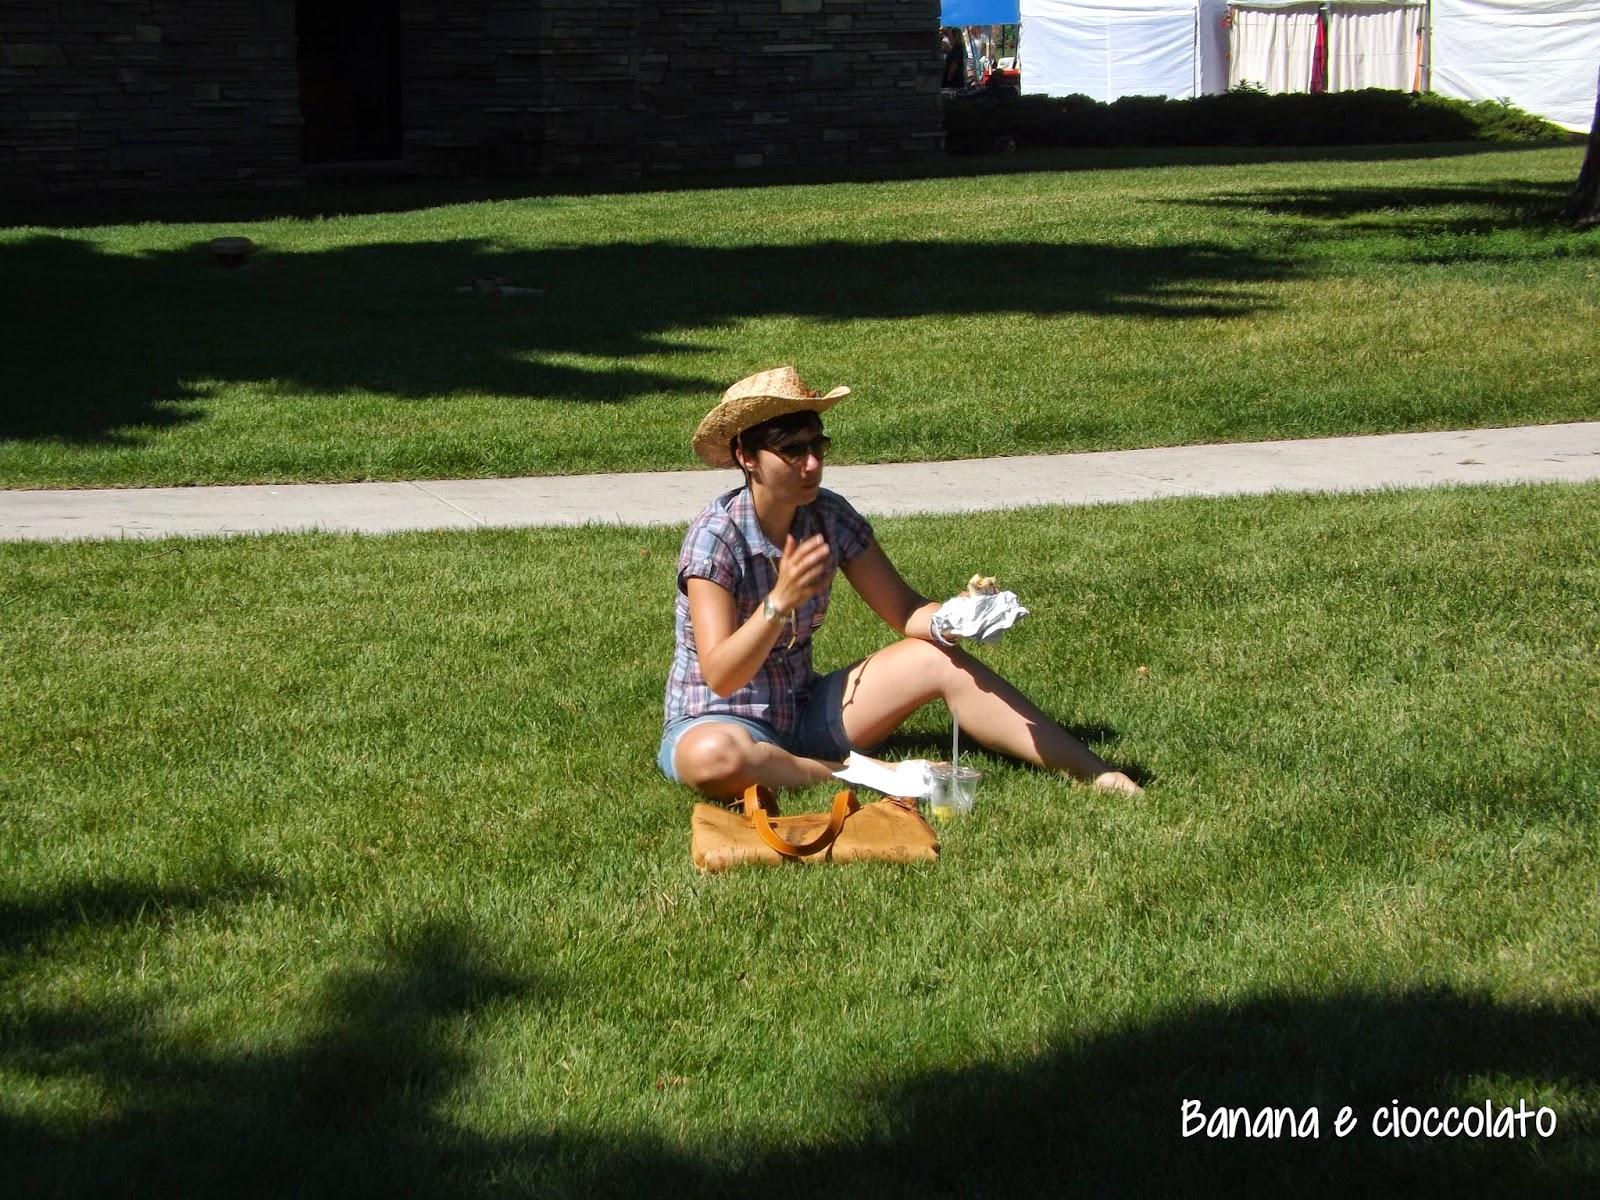 Cody, Wyoming, Silvia Diemmi, banana e cioccolato